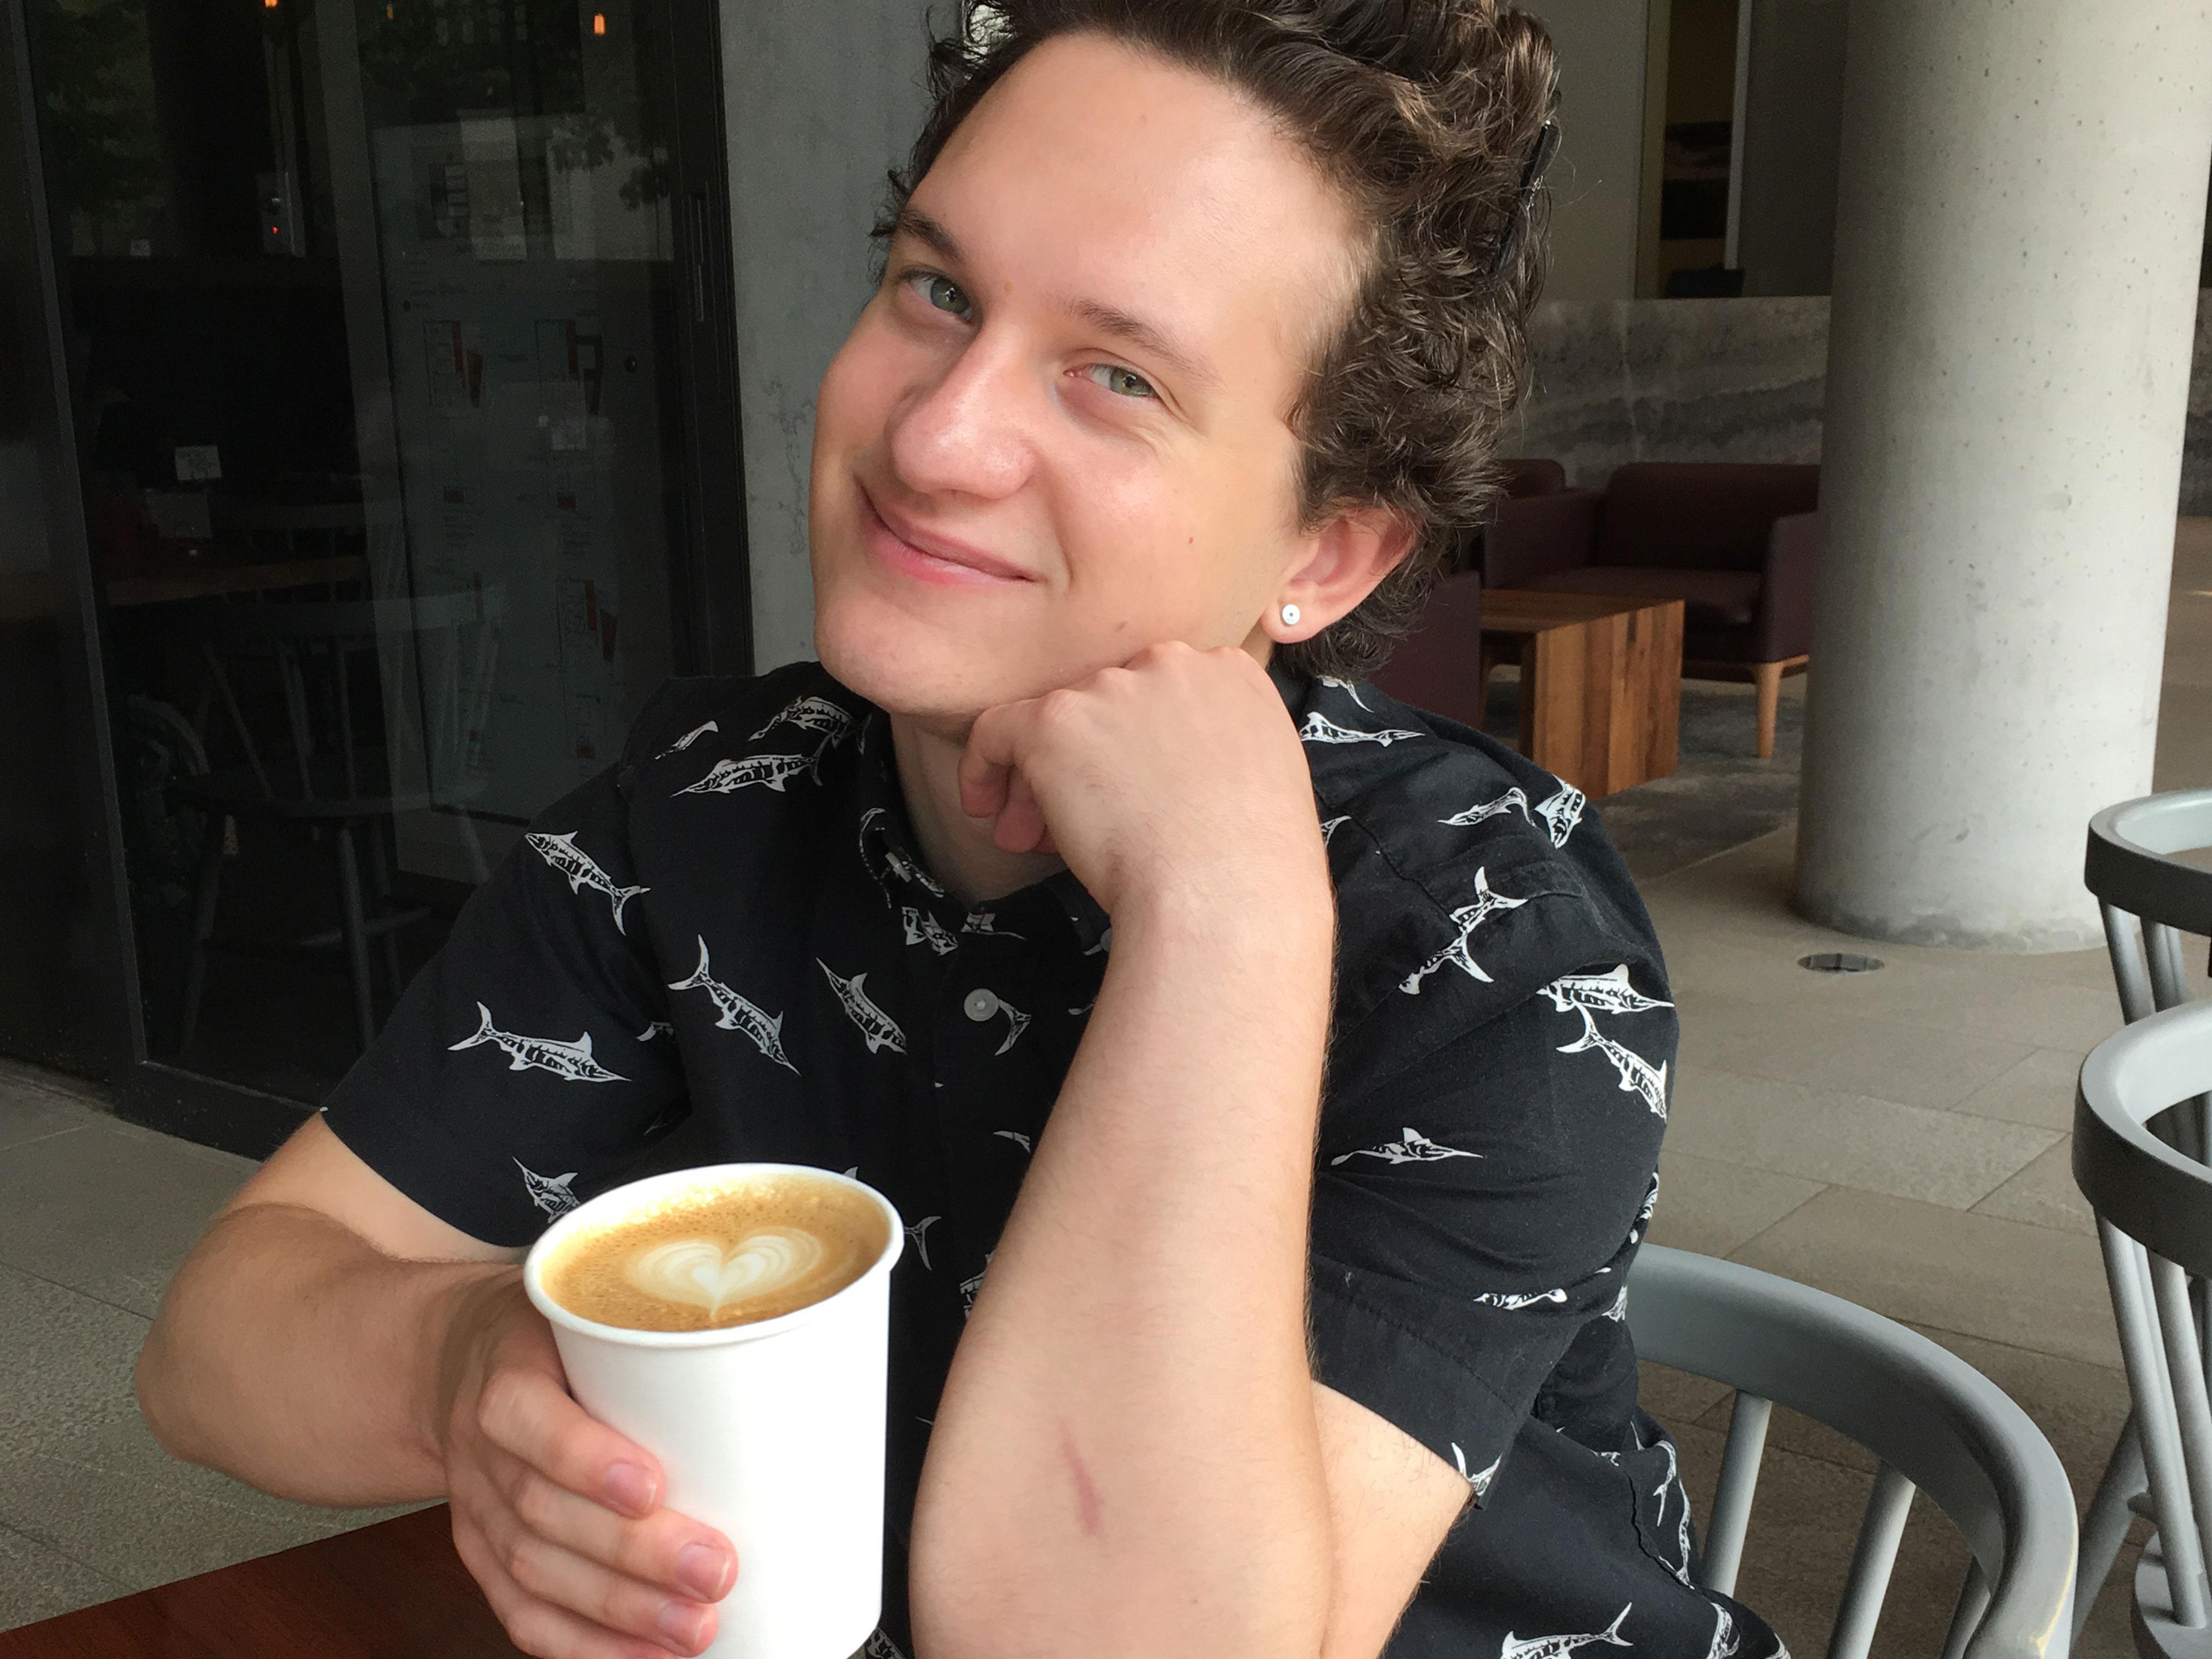 derrick holding a latte